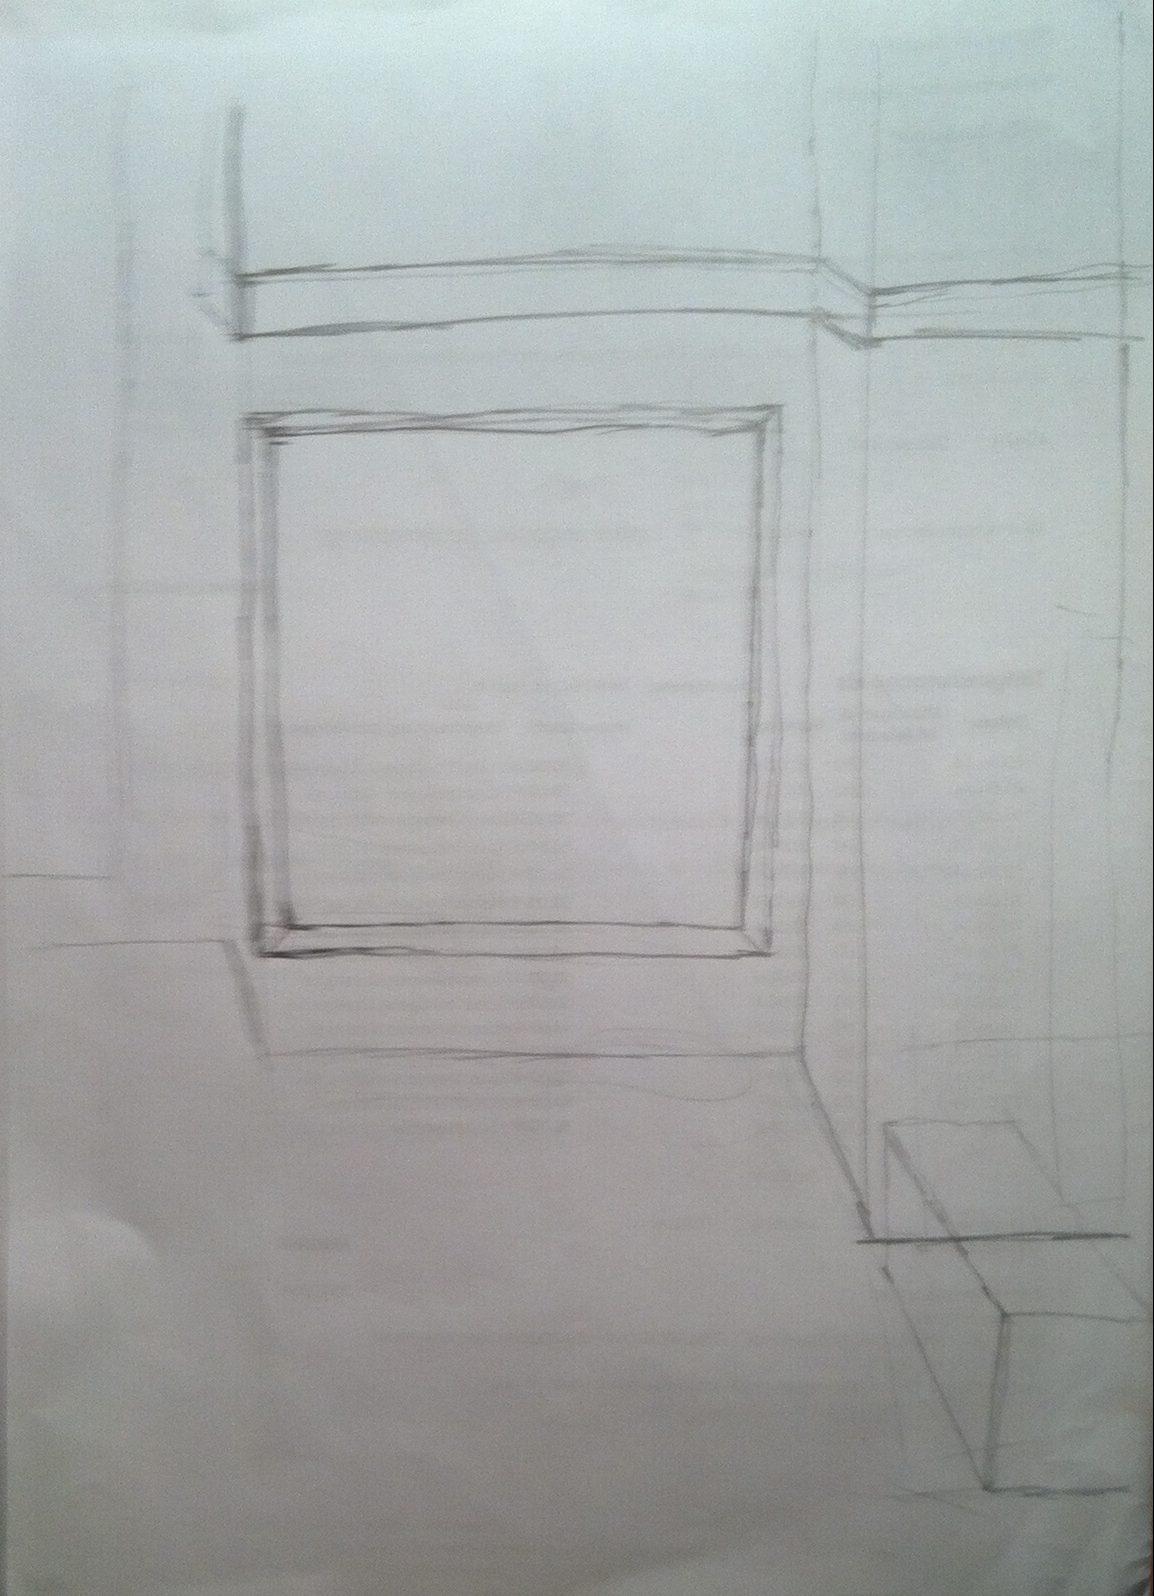 ein Platz für ein Bild an der Wand